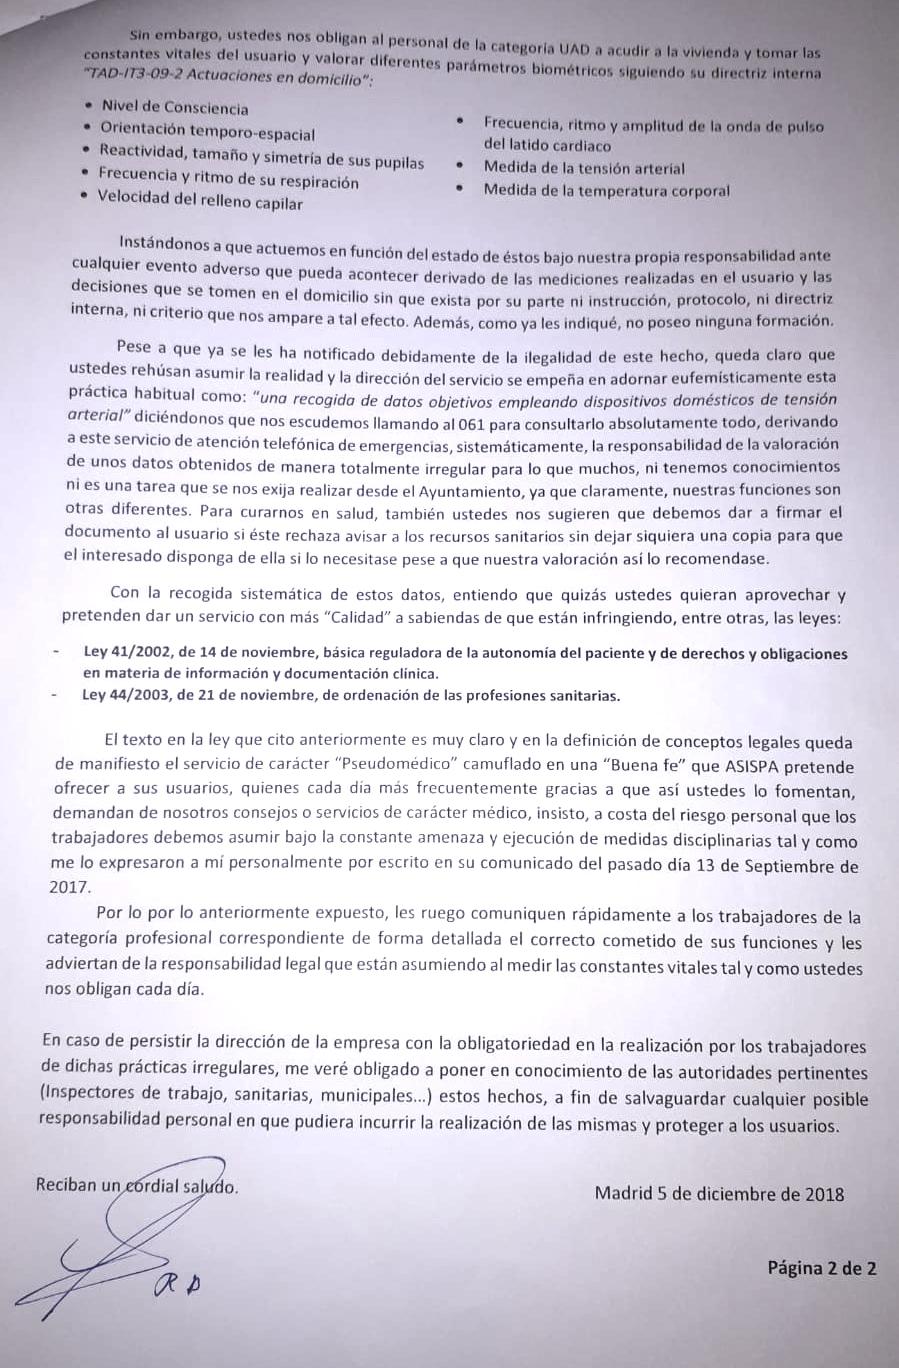 Carta enviada el año pasado por Rafael Aguilera. (Pinche para ampliar)